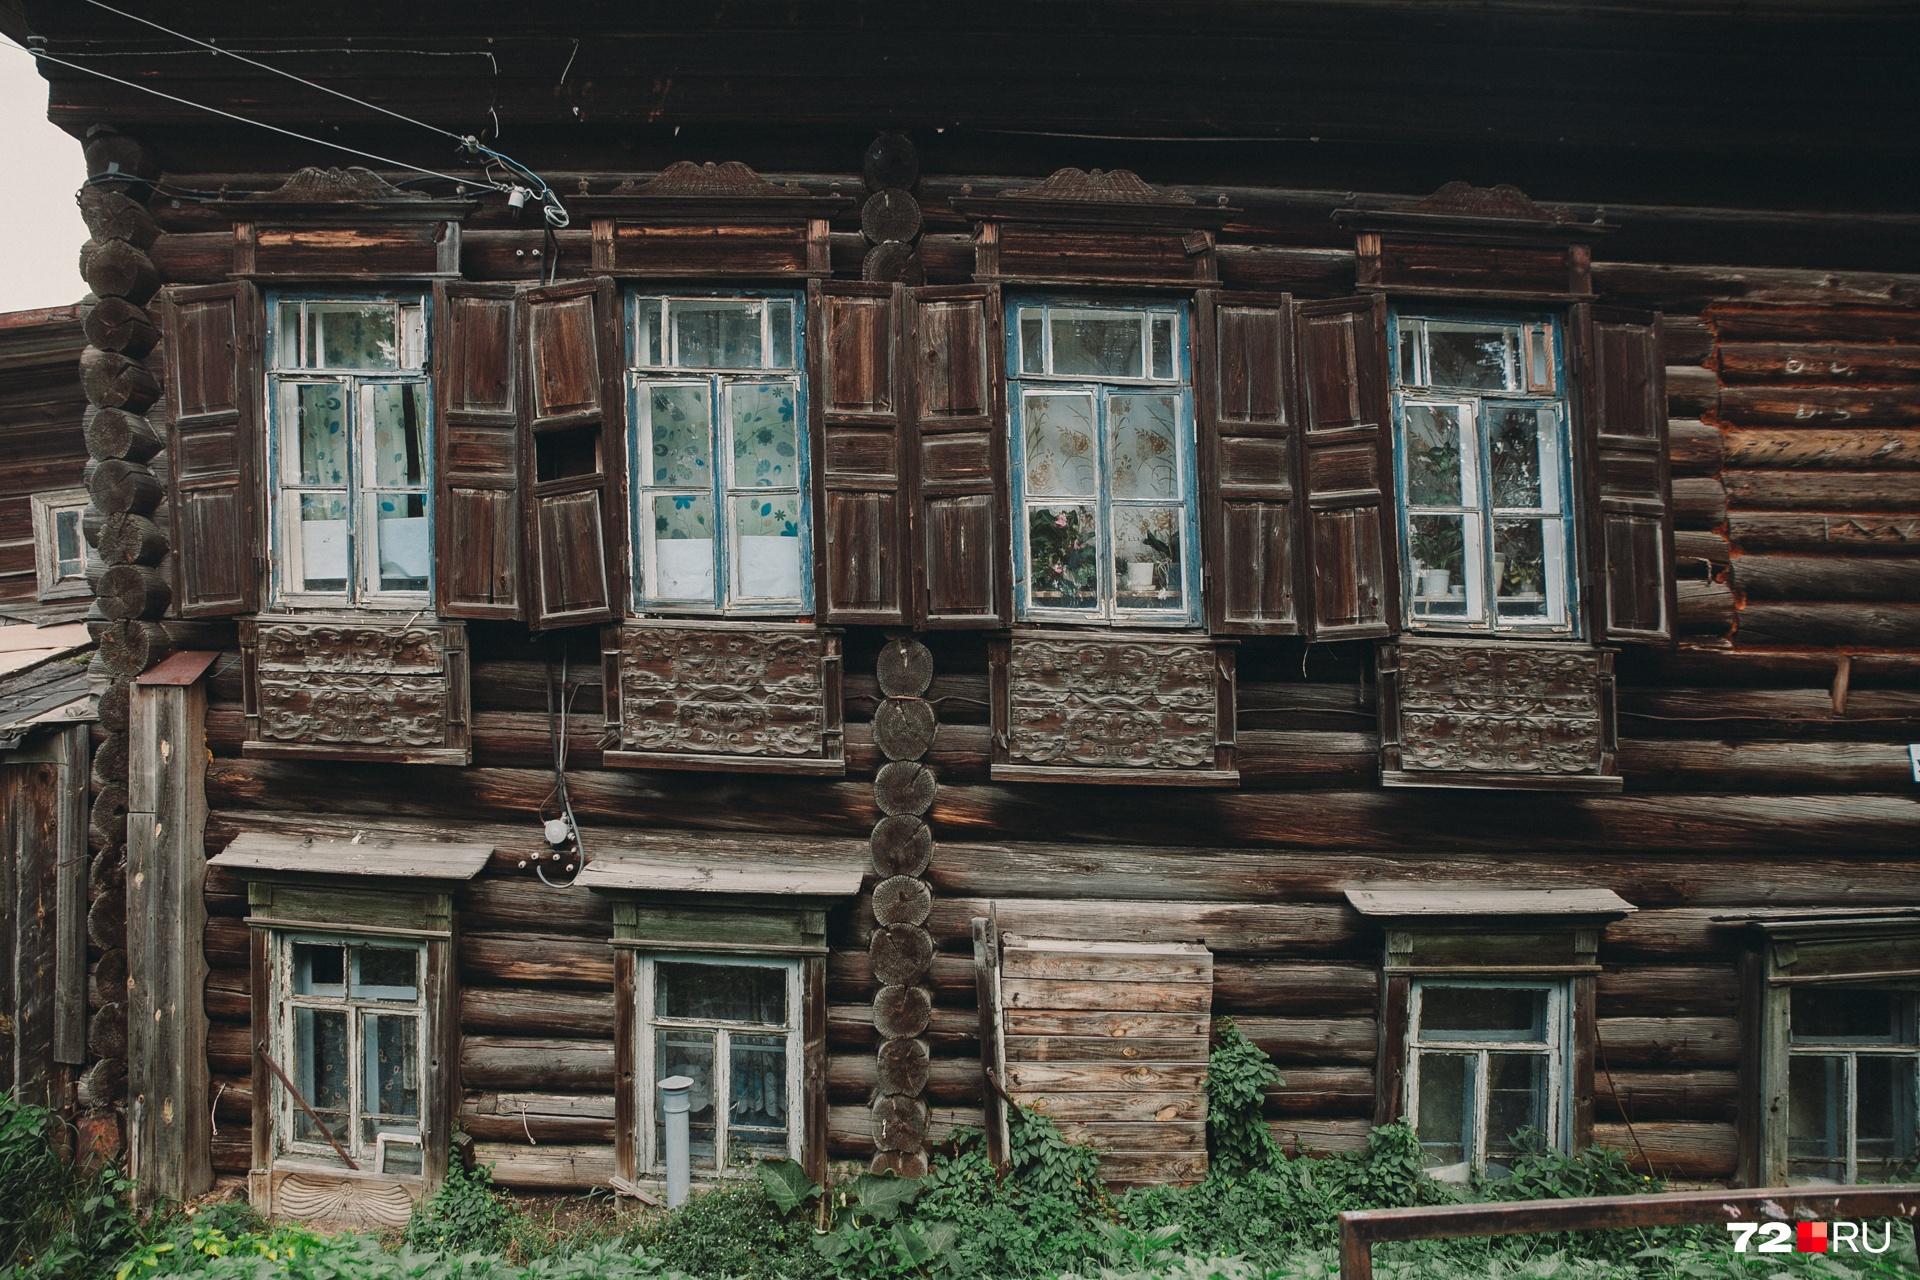 У старых домов очень интересные фасады. Многие из них были построены еще в начале прошлого века